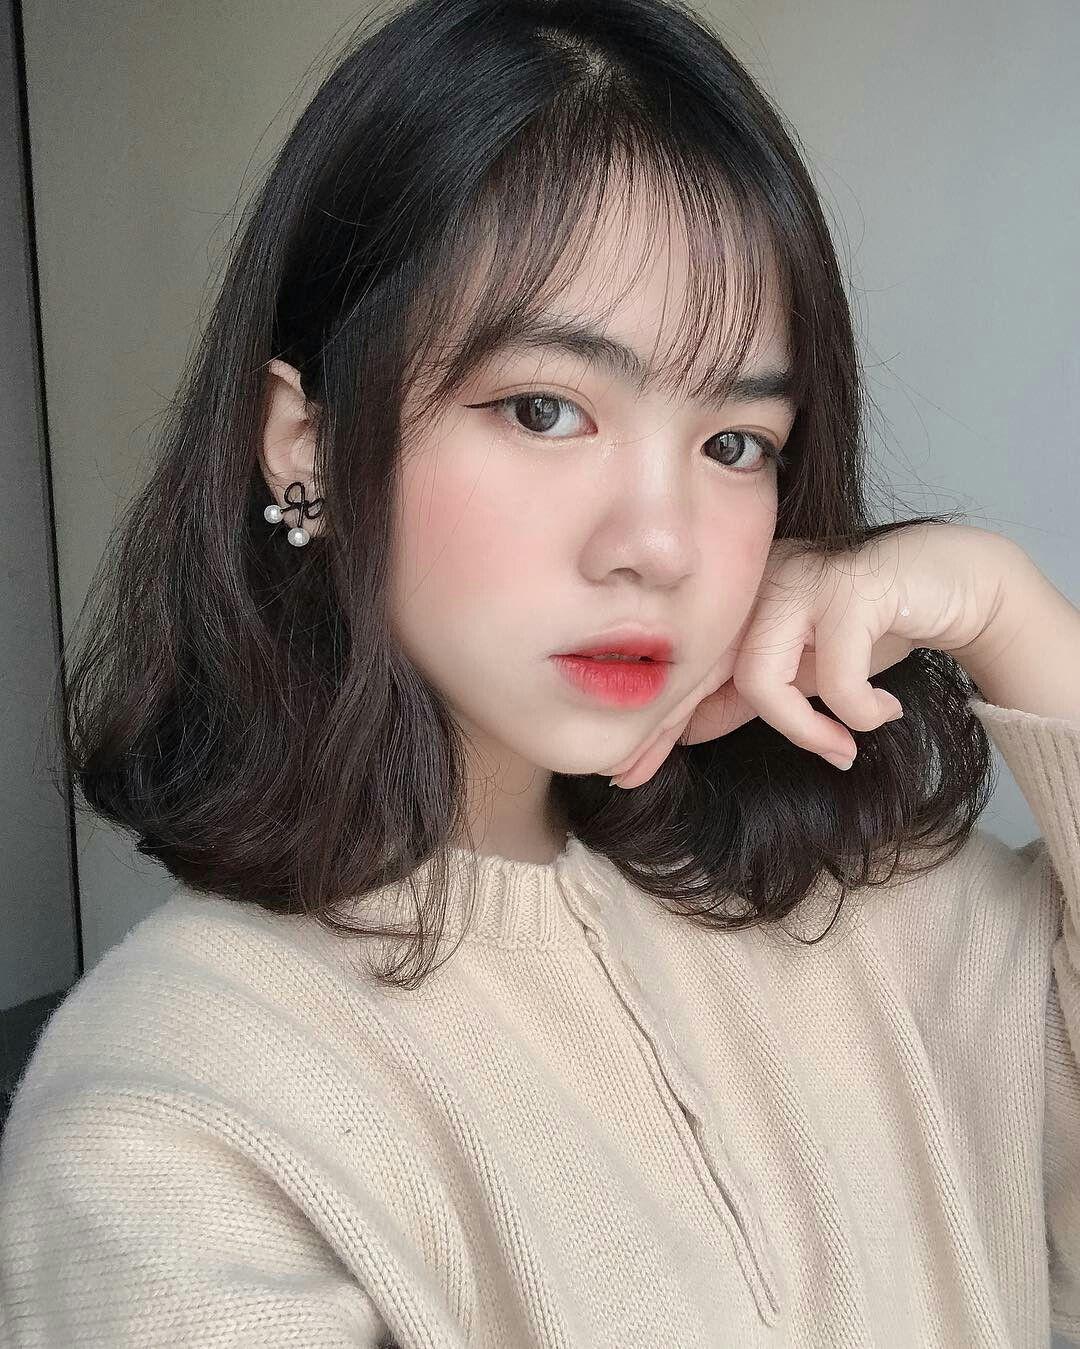 Tổng Hợp Hình ảnh Girl Xinh Tóc Ngắn đẹp Nhất